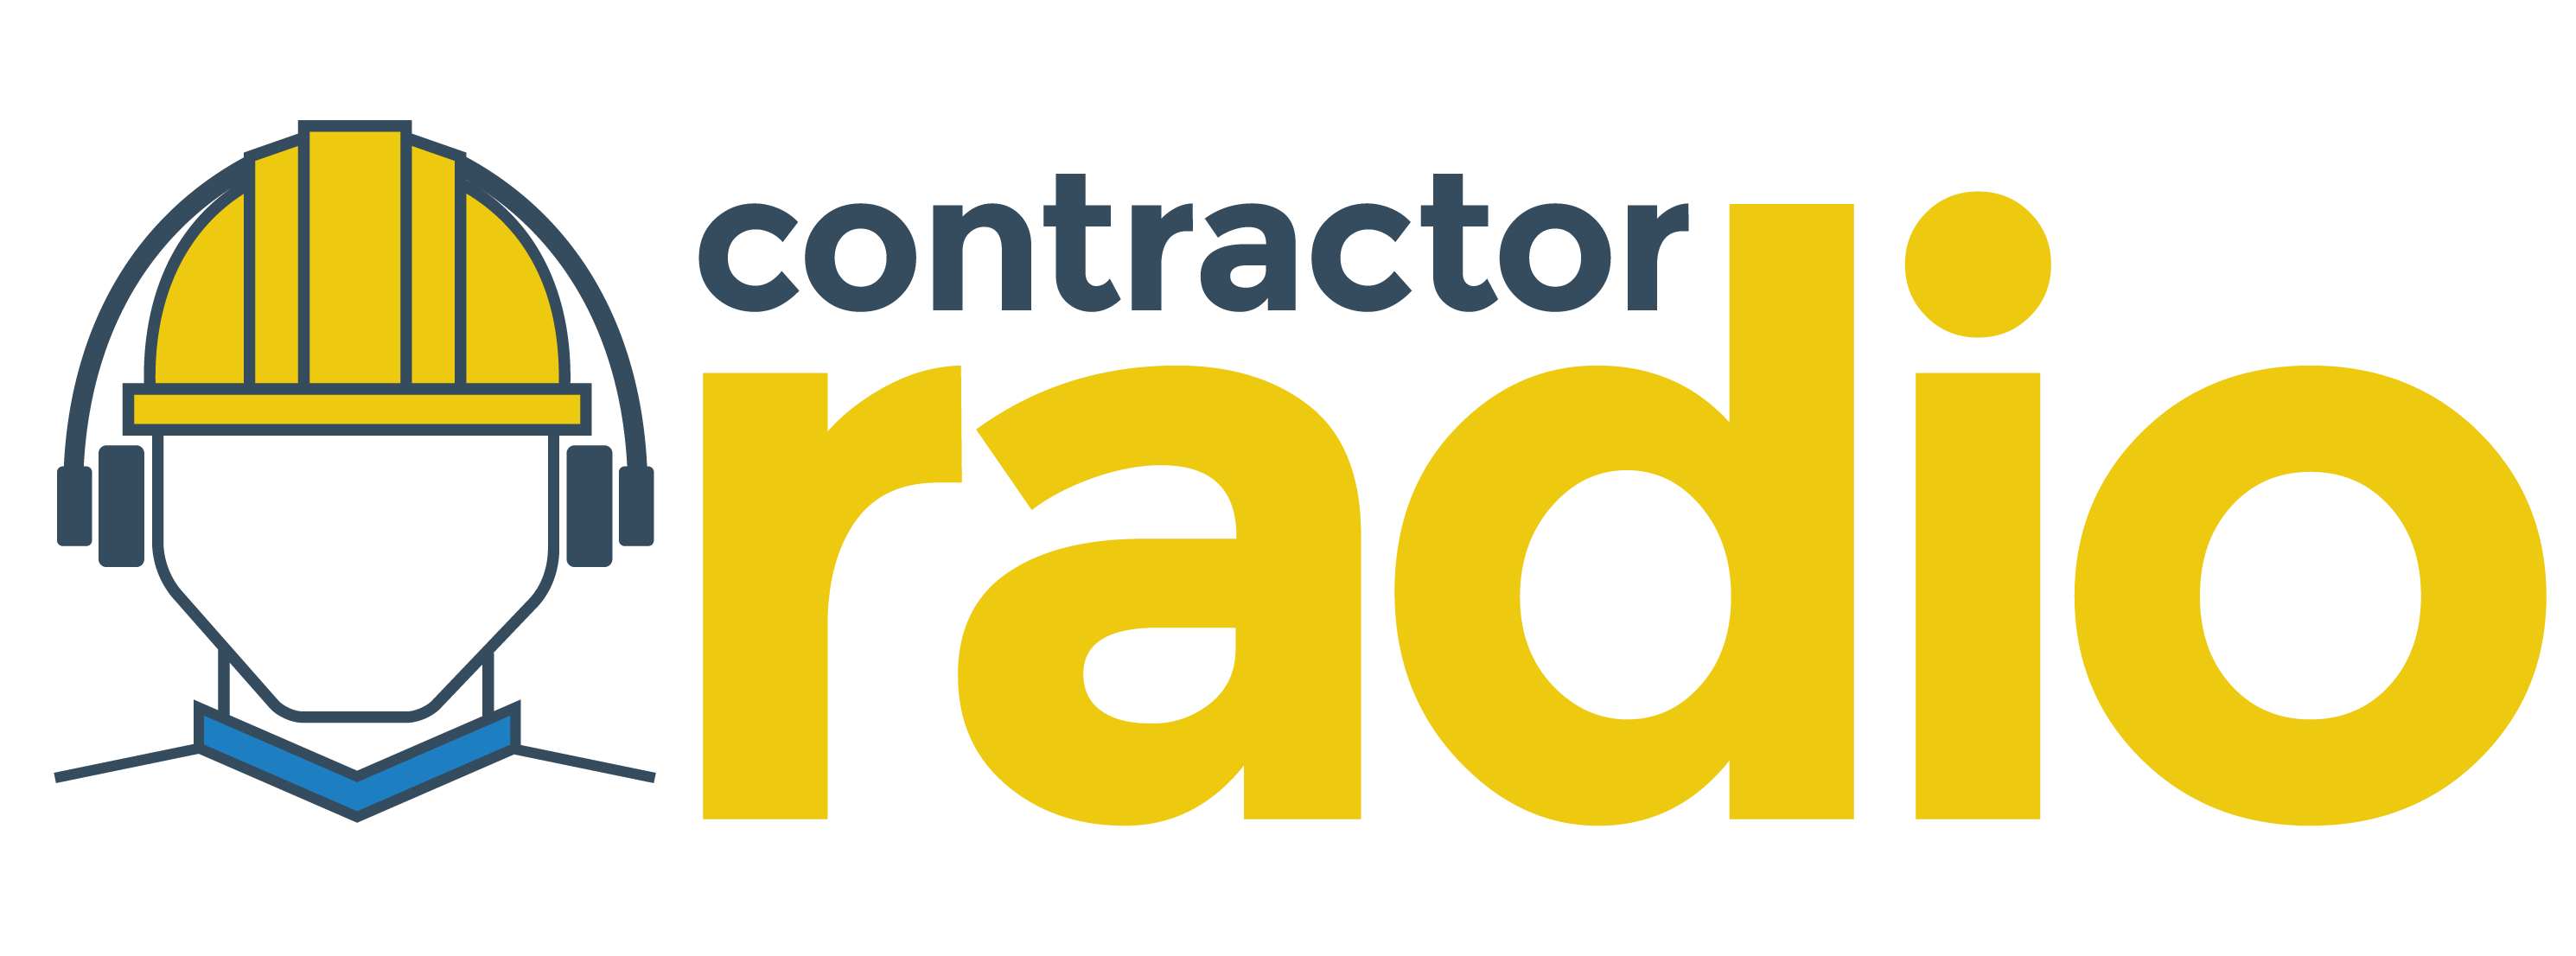 contractorradio_main